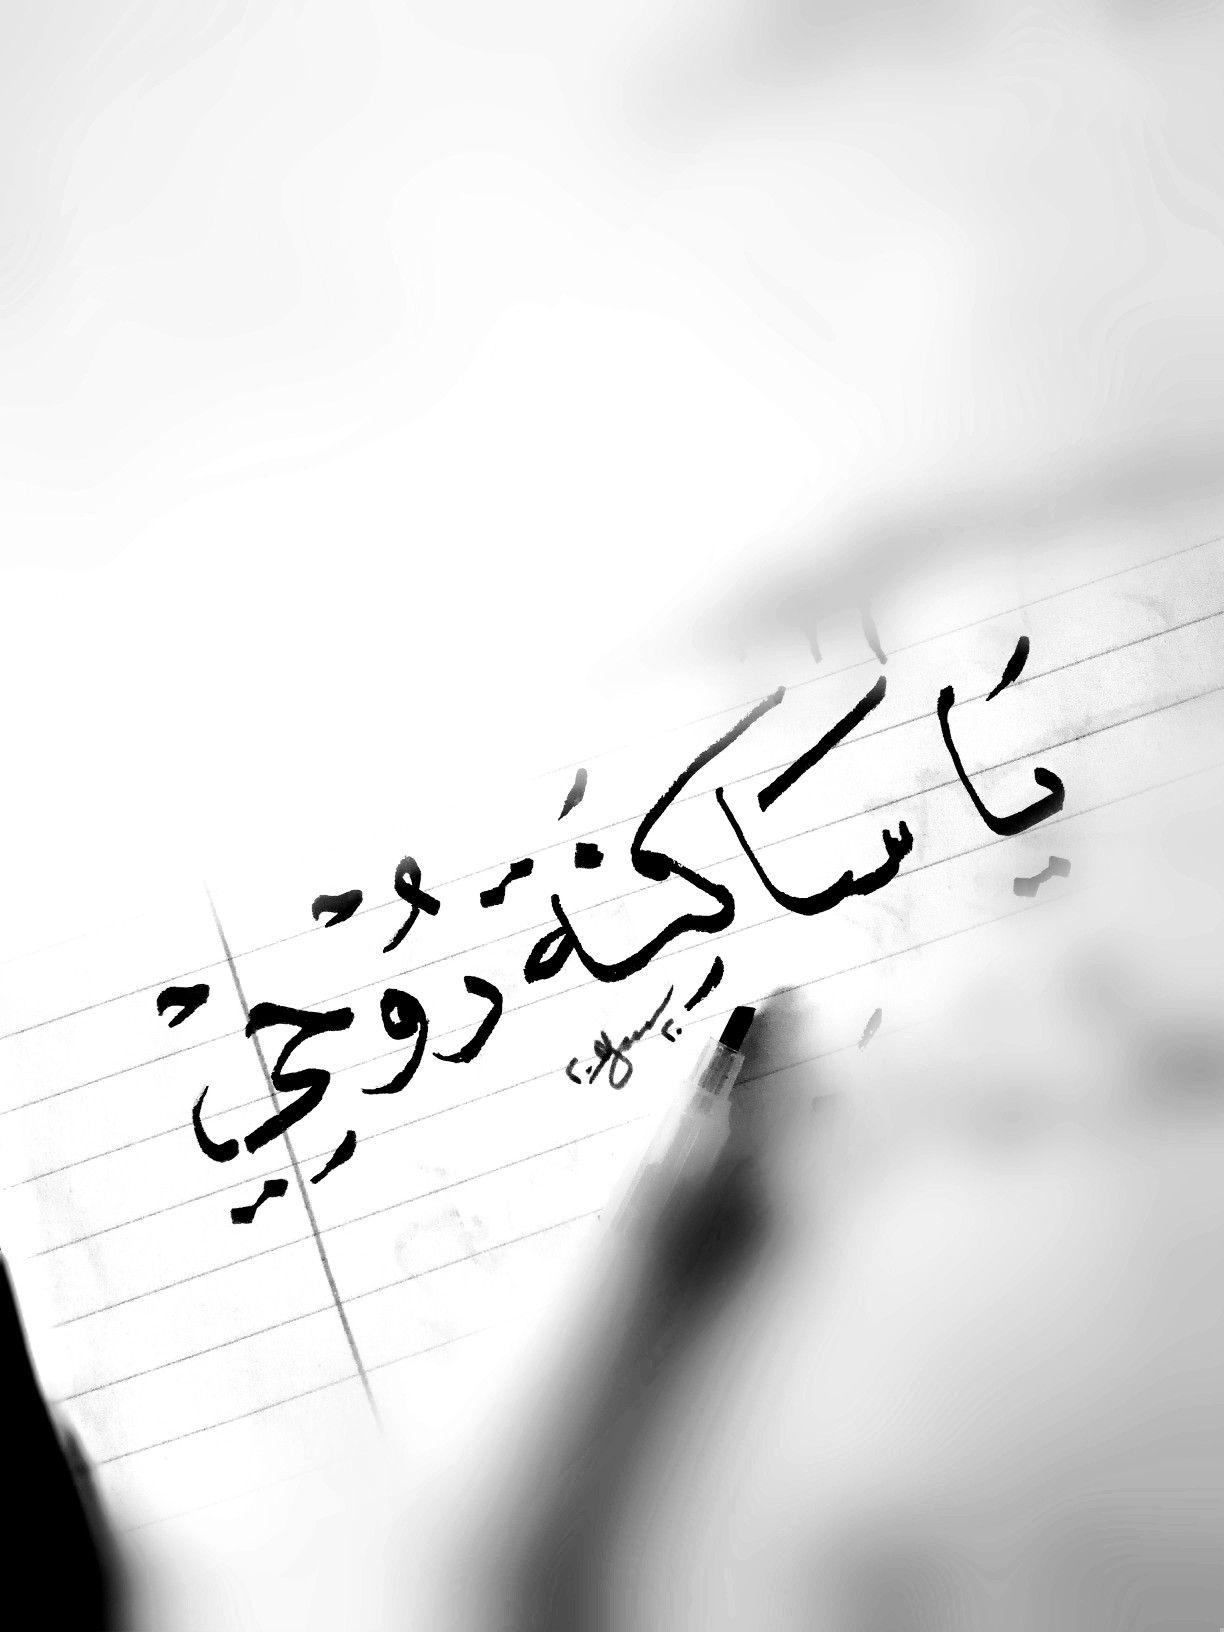 ياساكن القلب رد القلب لي رده لا تروح عني قلبيلي سجن عينك ياساكنة روحي Arabic Calligraphy Calligraphy Handwriting